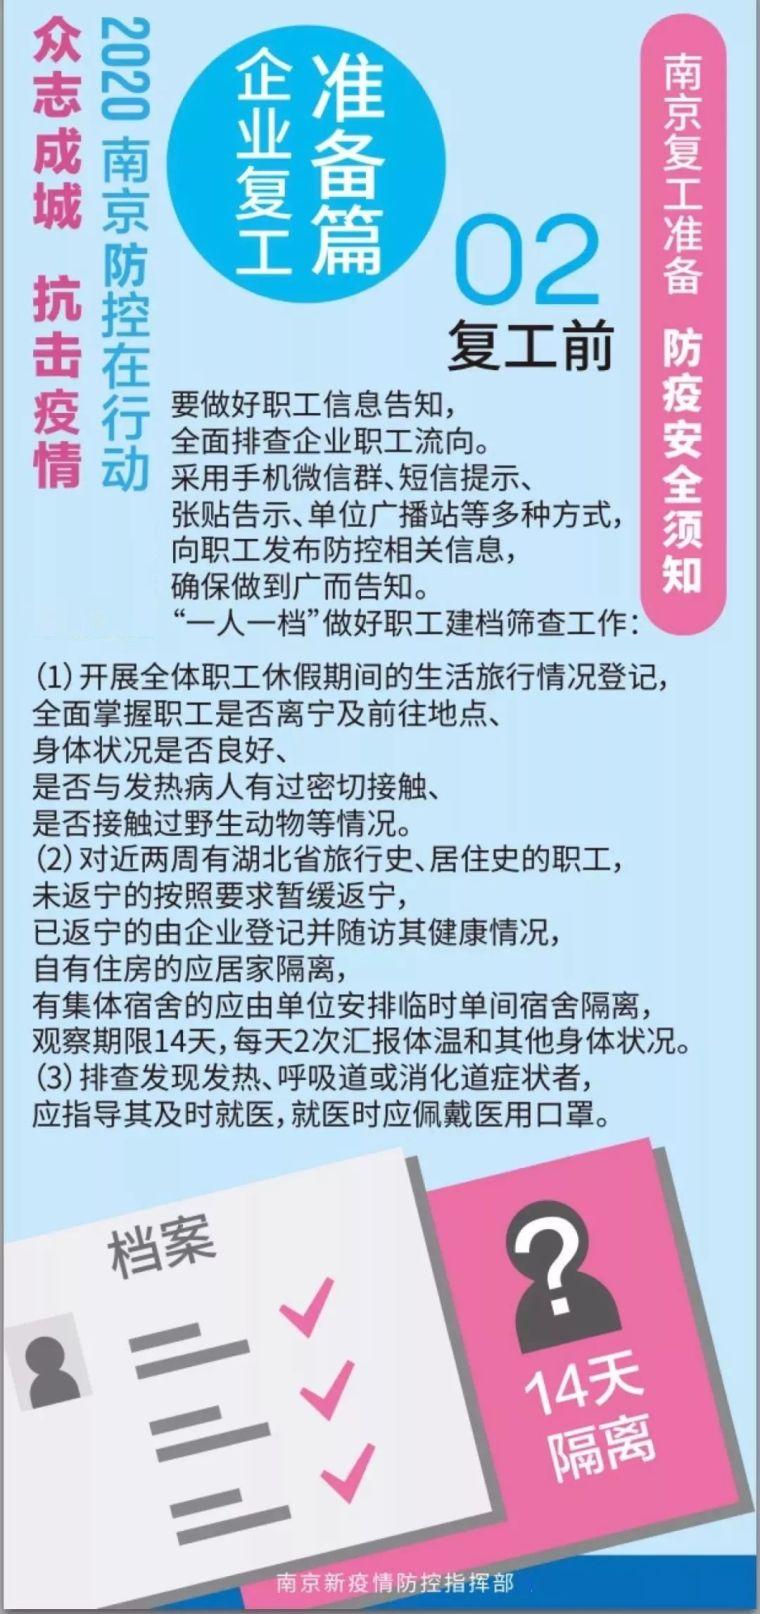 企业复工,防疫安全须知(图解)_3